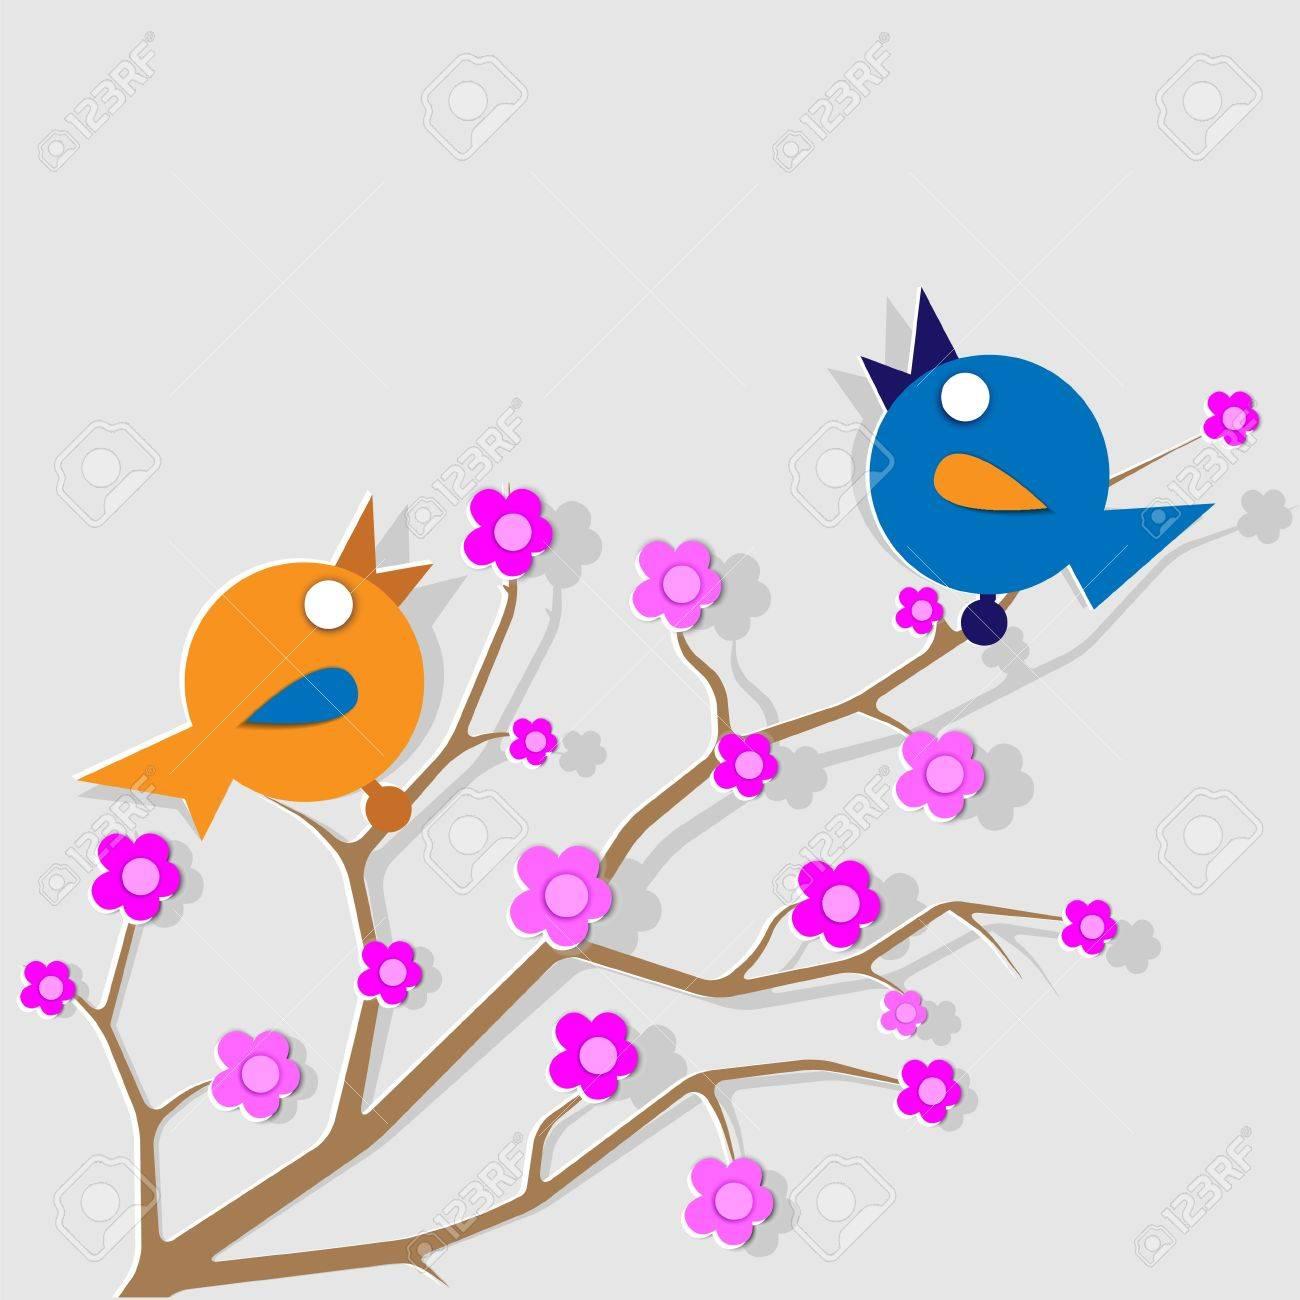 Znalezione obrazy dla zapytania ptaki śpiewające